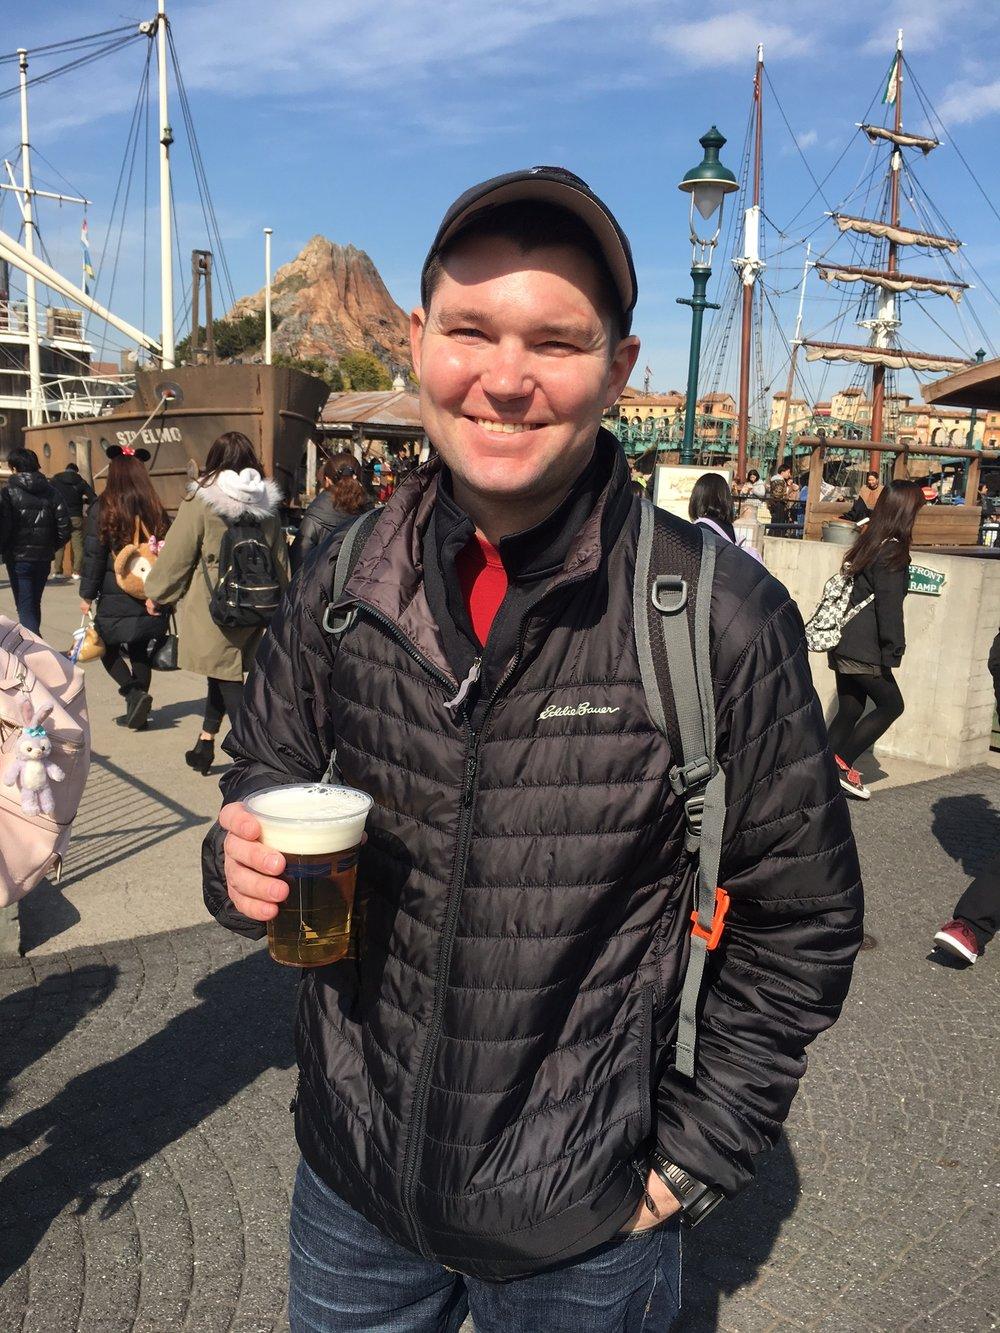 DisneySea-Schuyler-Croy-Beer.JPG